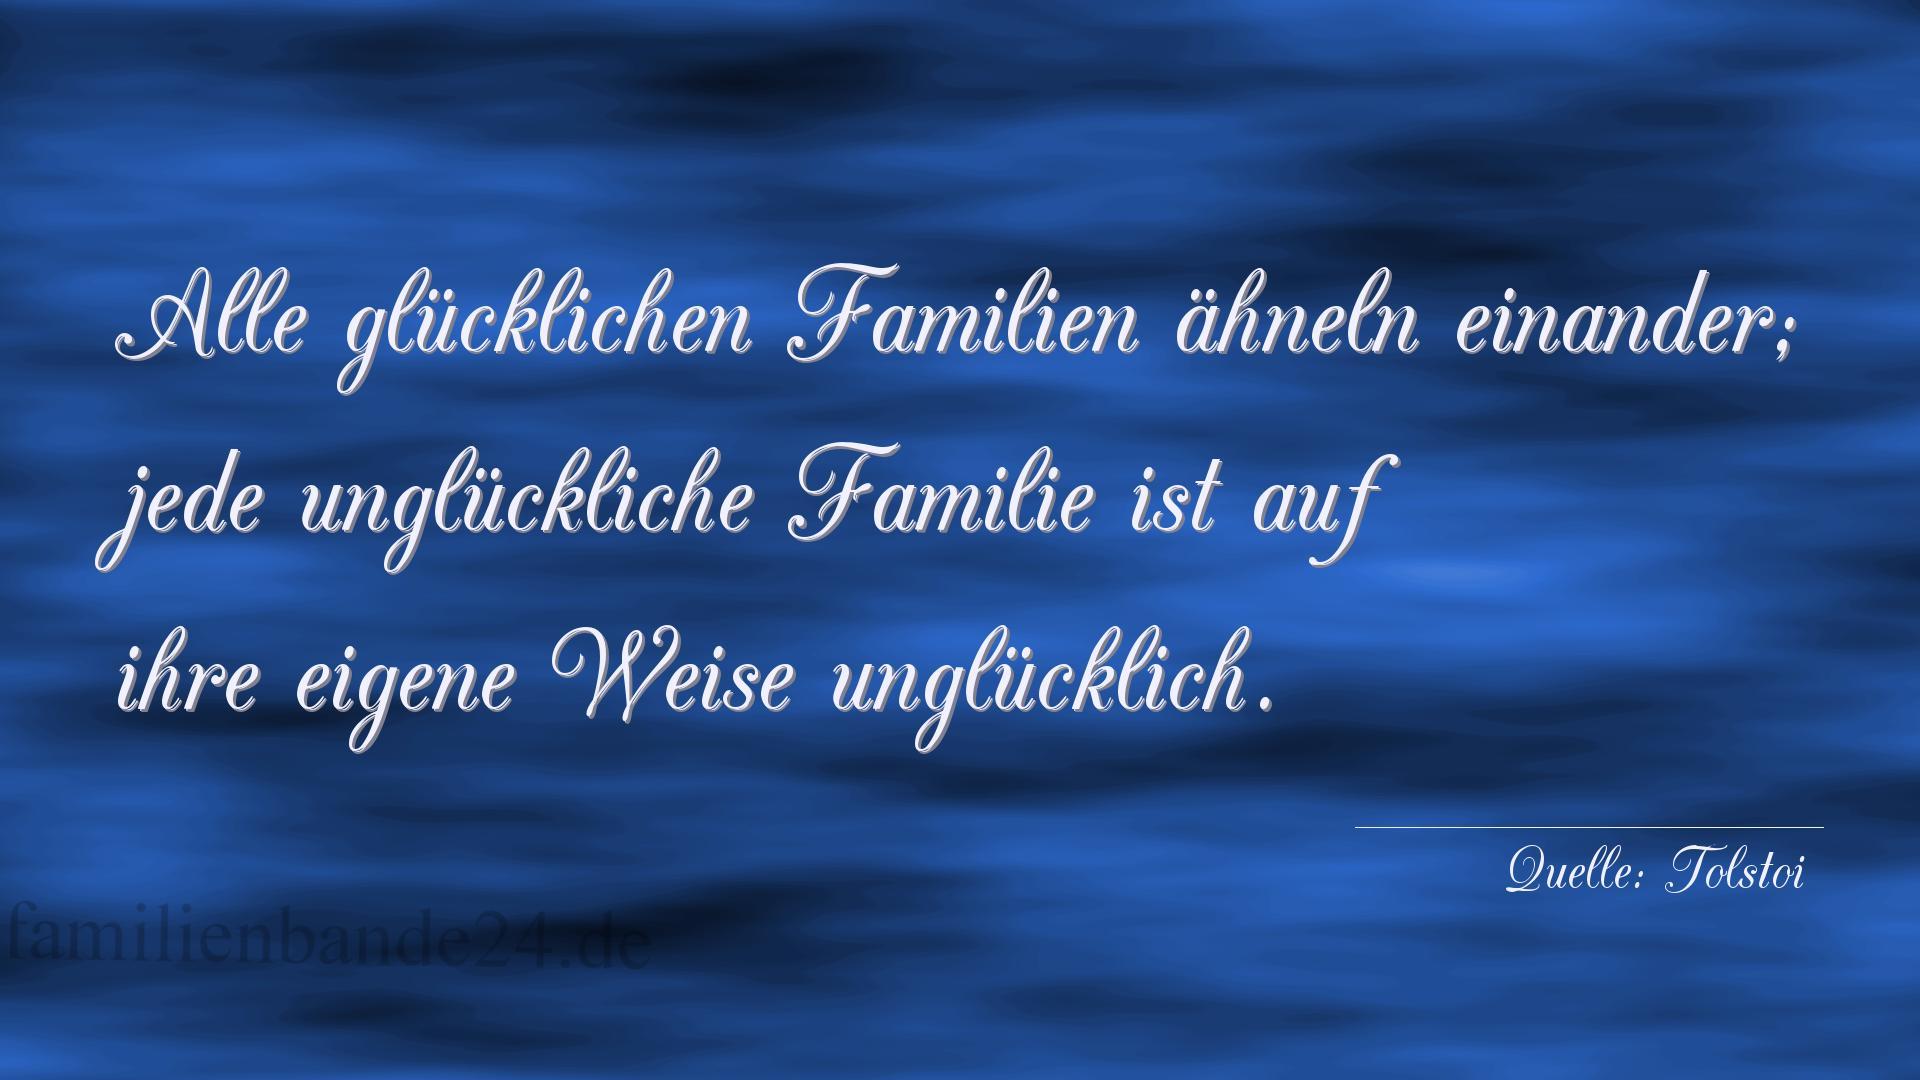 Spruch 323 Aus Lustige Familienspruche